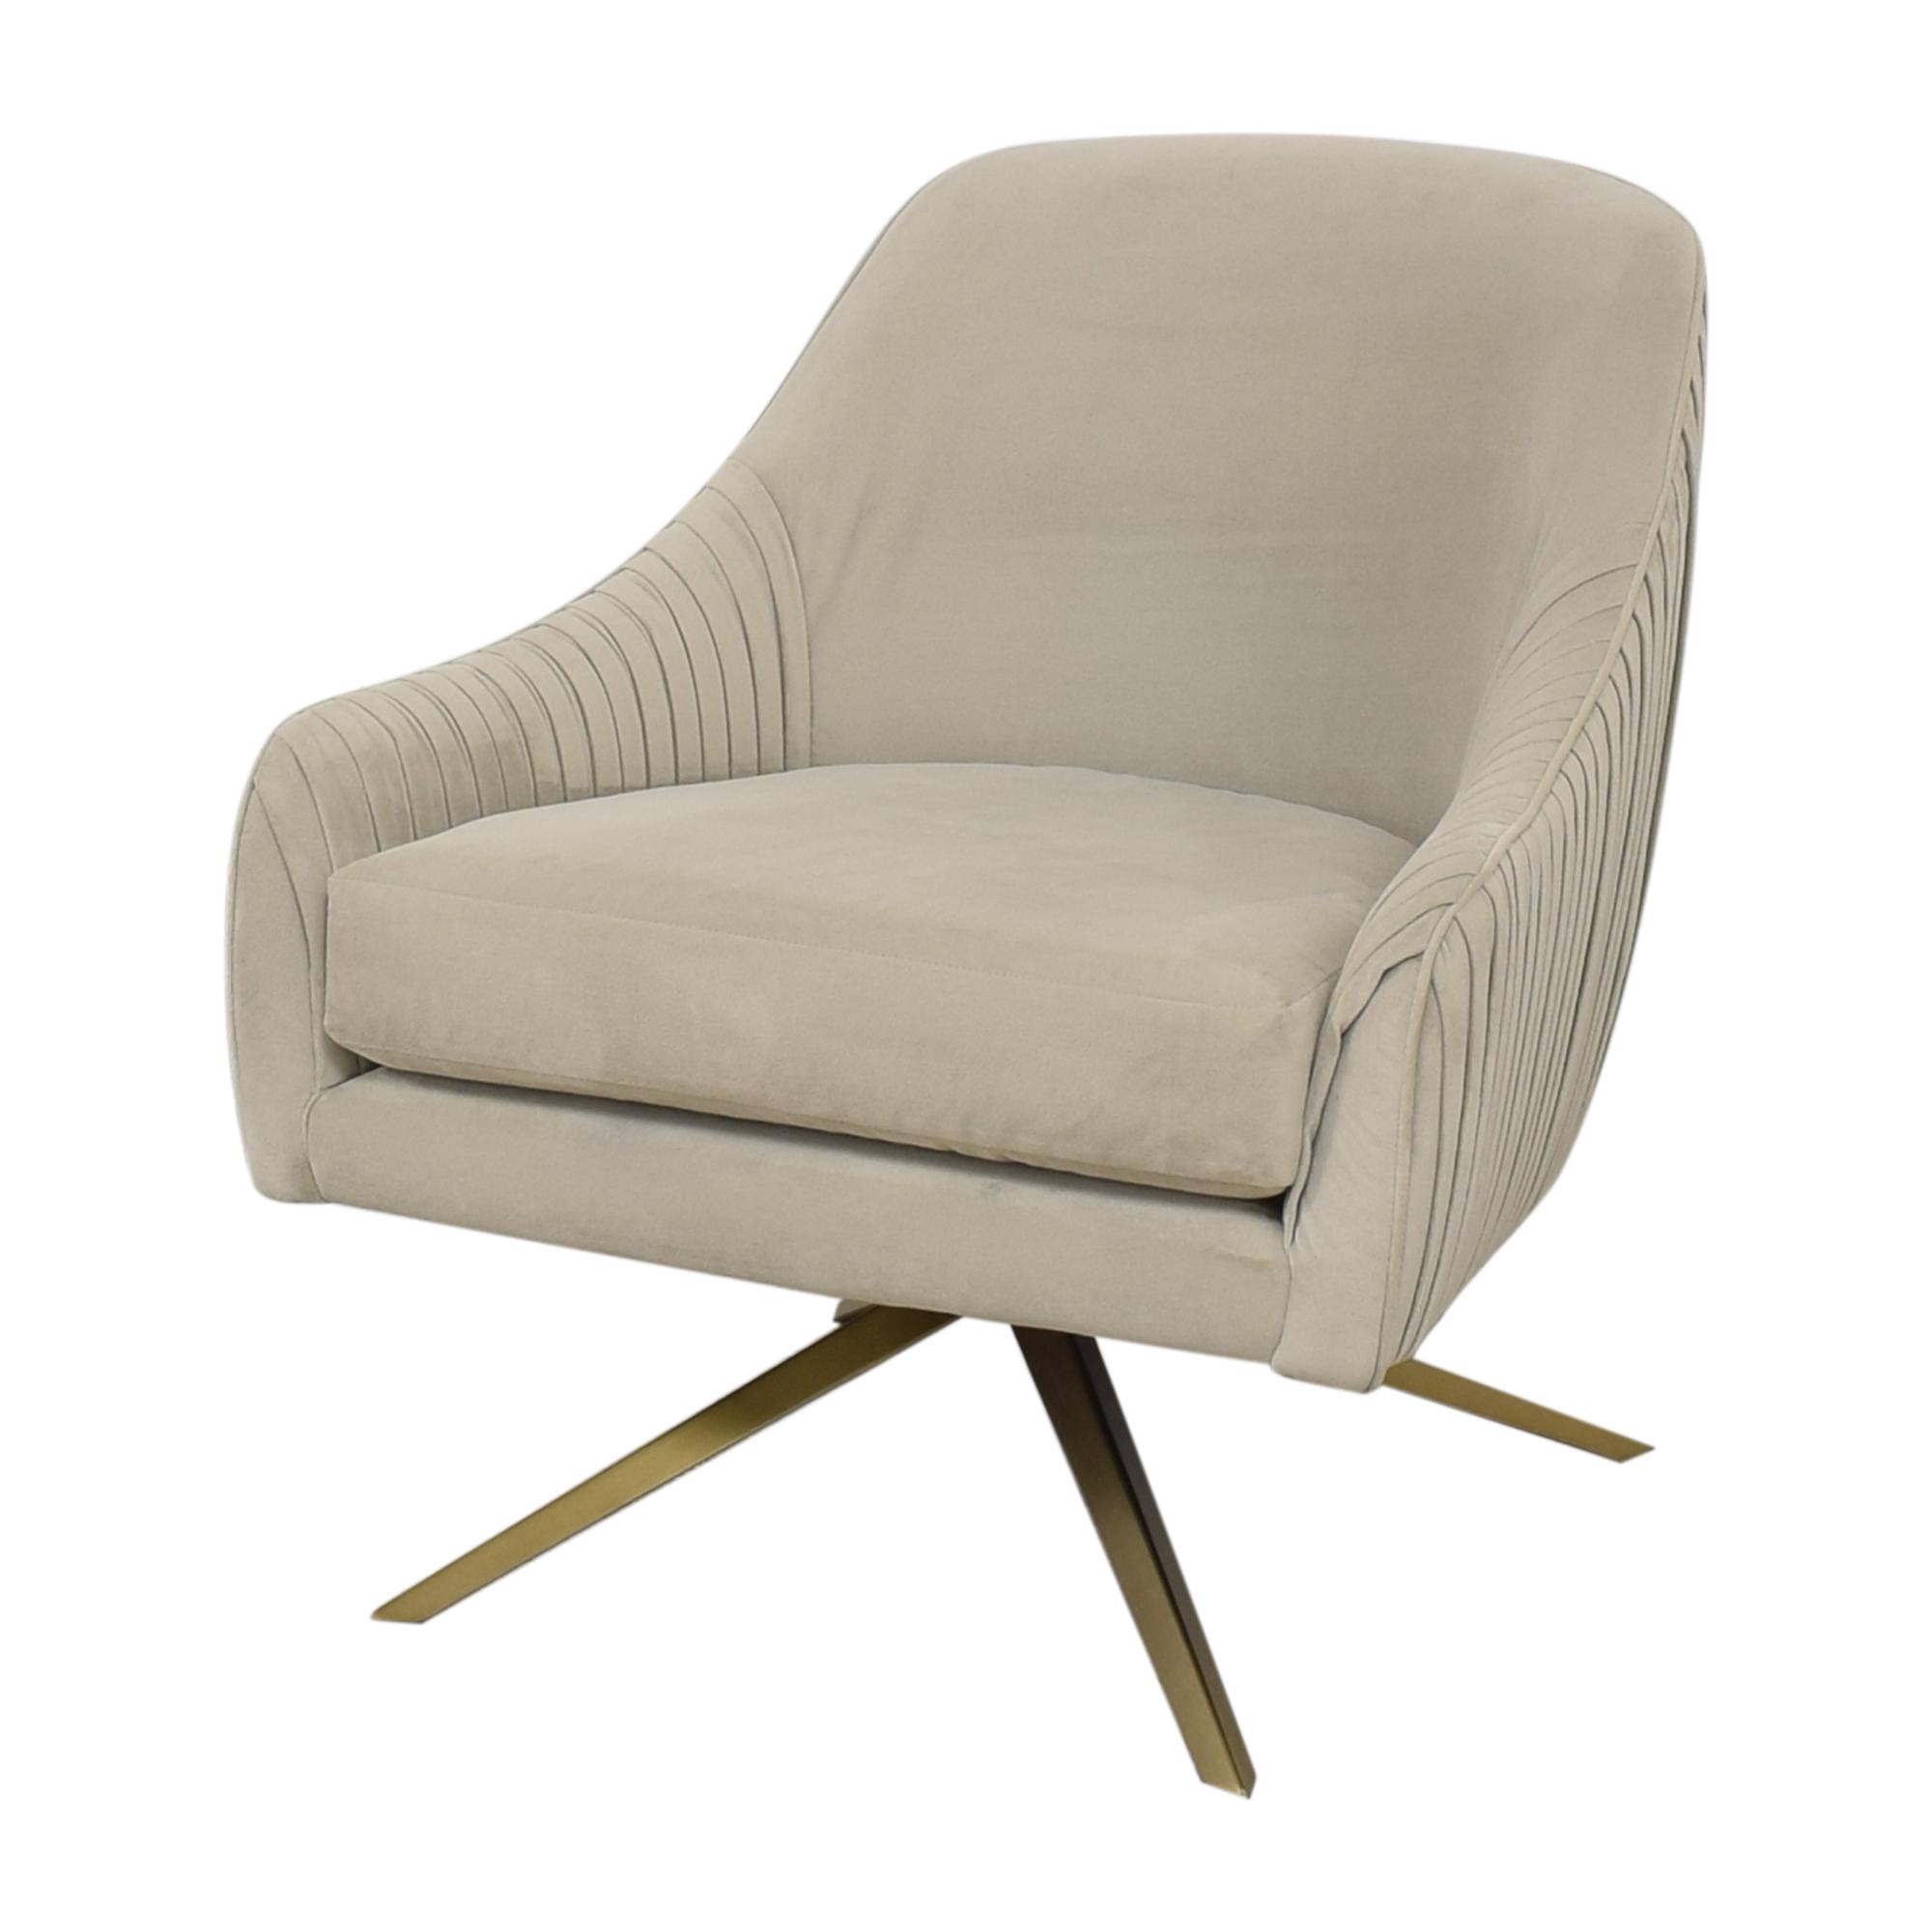 West Elm West Elm Roar & Rabbit Pleated Swivel Chair pa